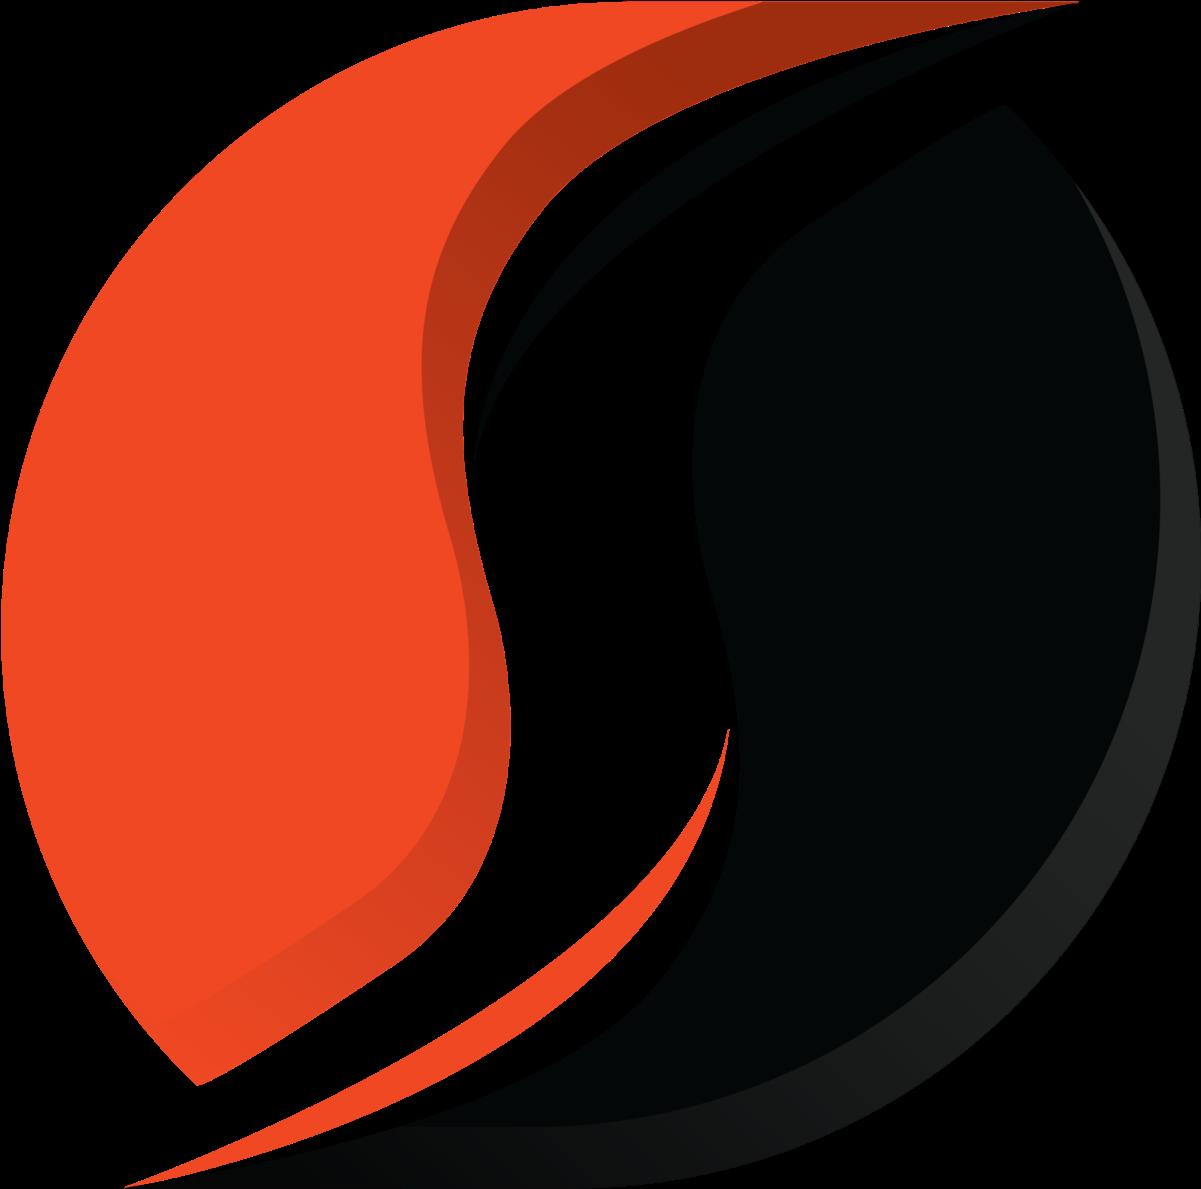 Logo de l'équipe Supremacy